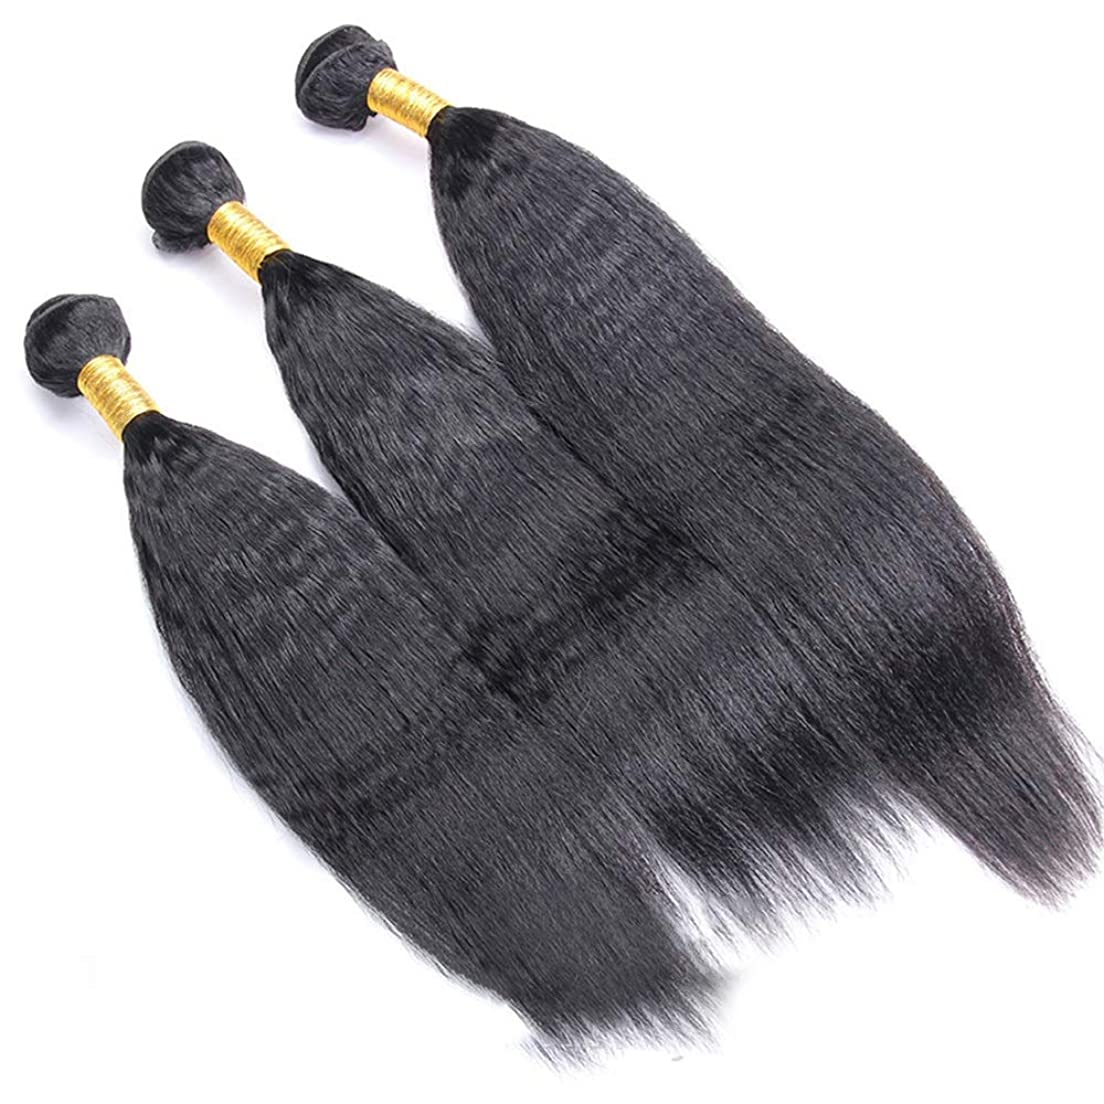 ブロンズ承認動脈かつら ブラジルのRemy人間の髪の毛変態ストレート横糸ヘアエクステンションナチュラルブラック1バンドル(100g、10